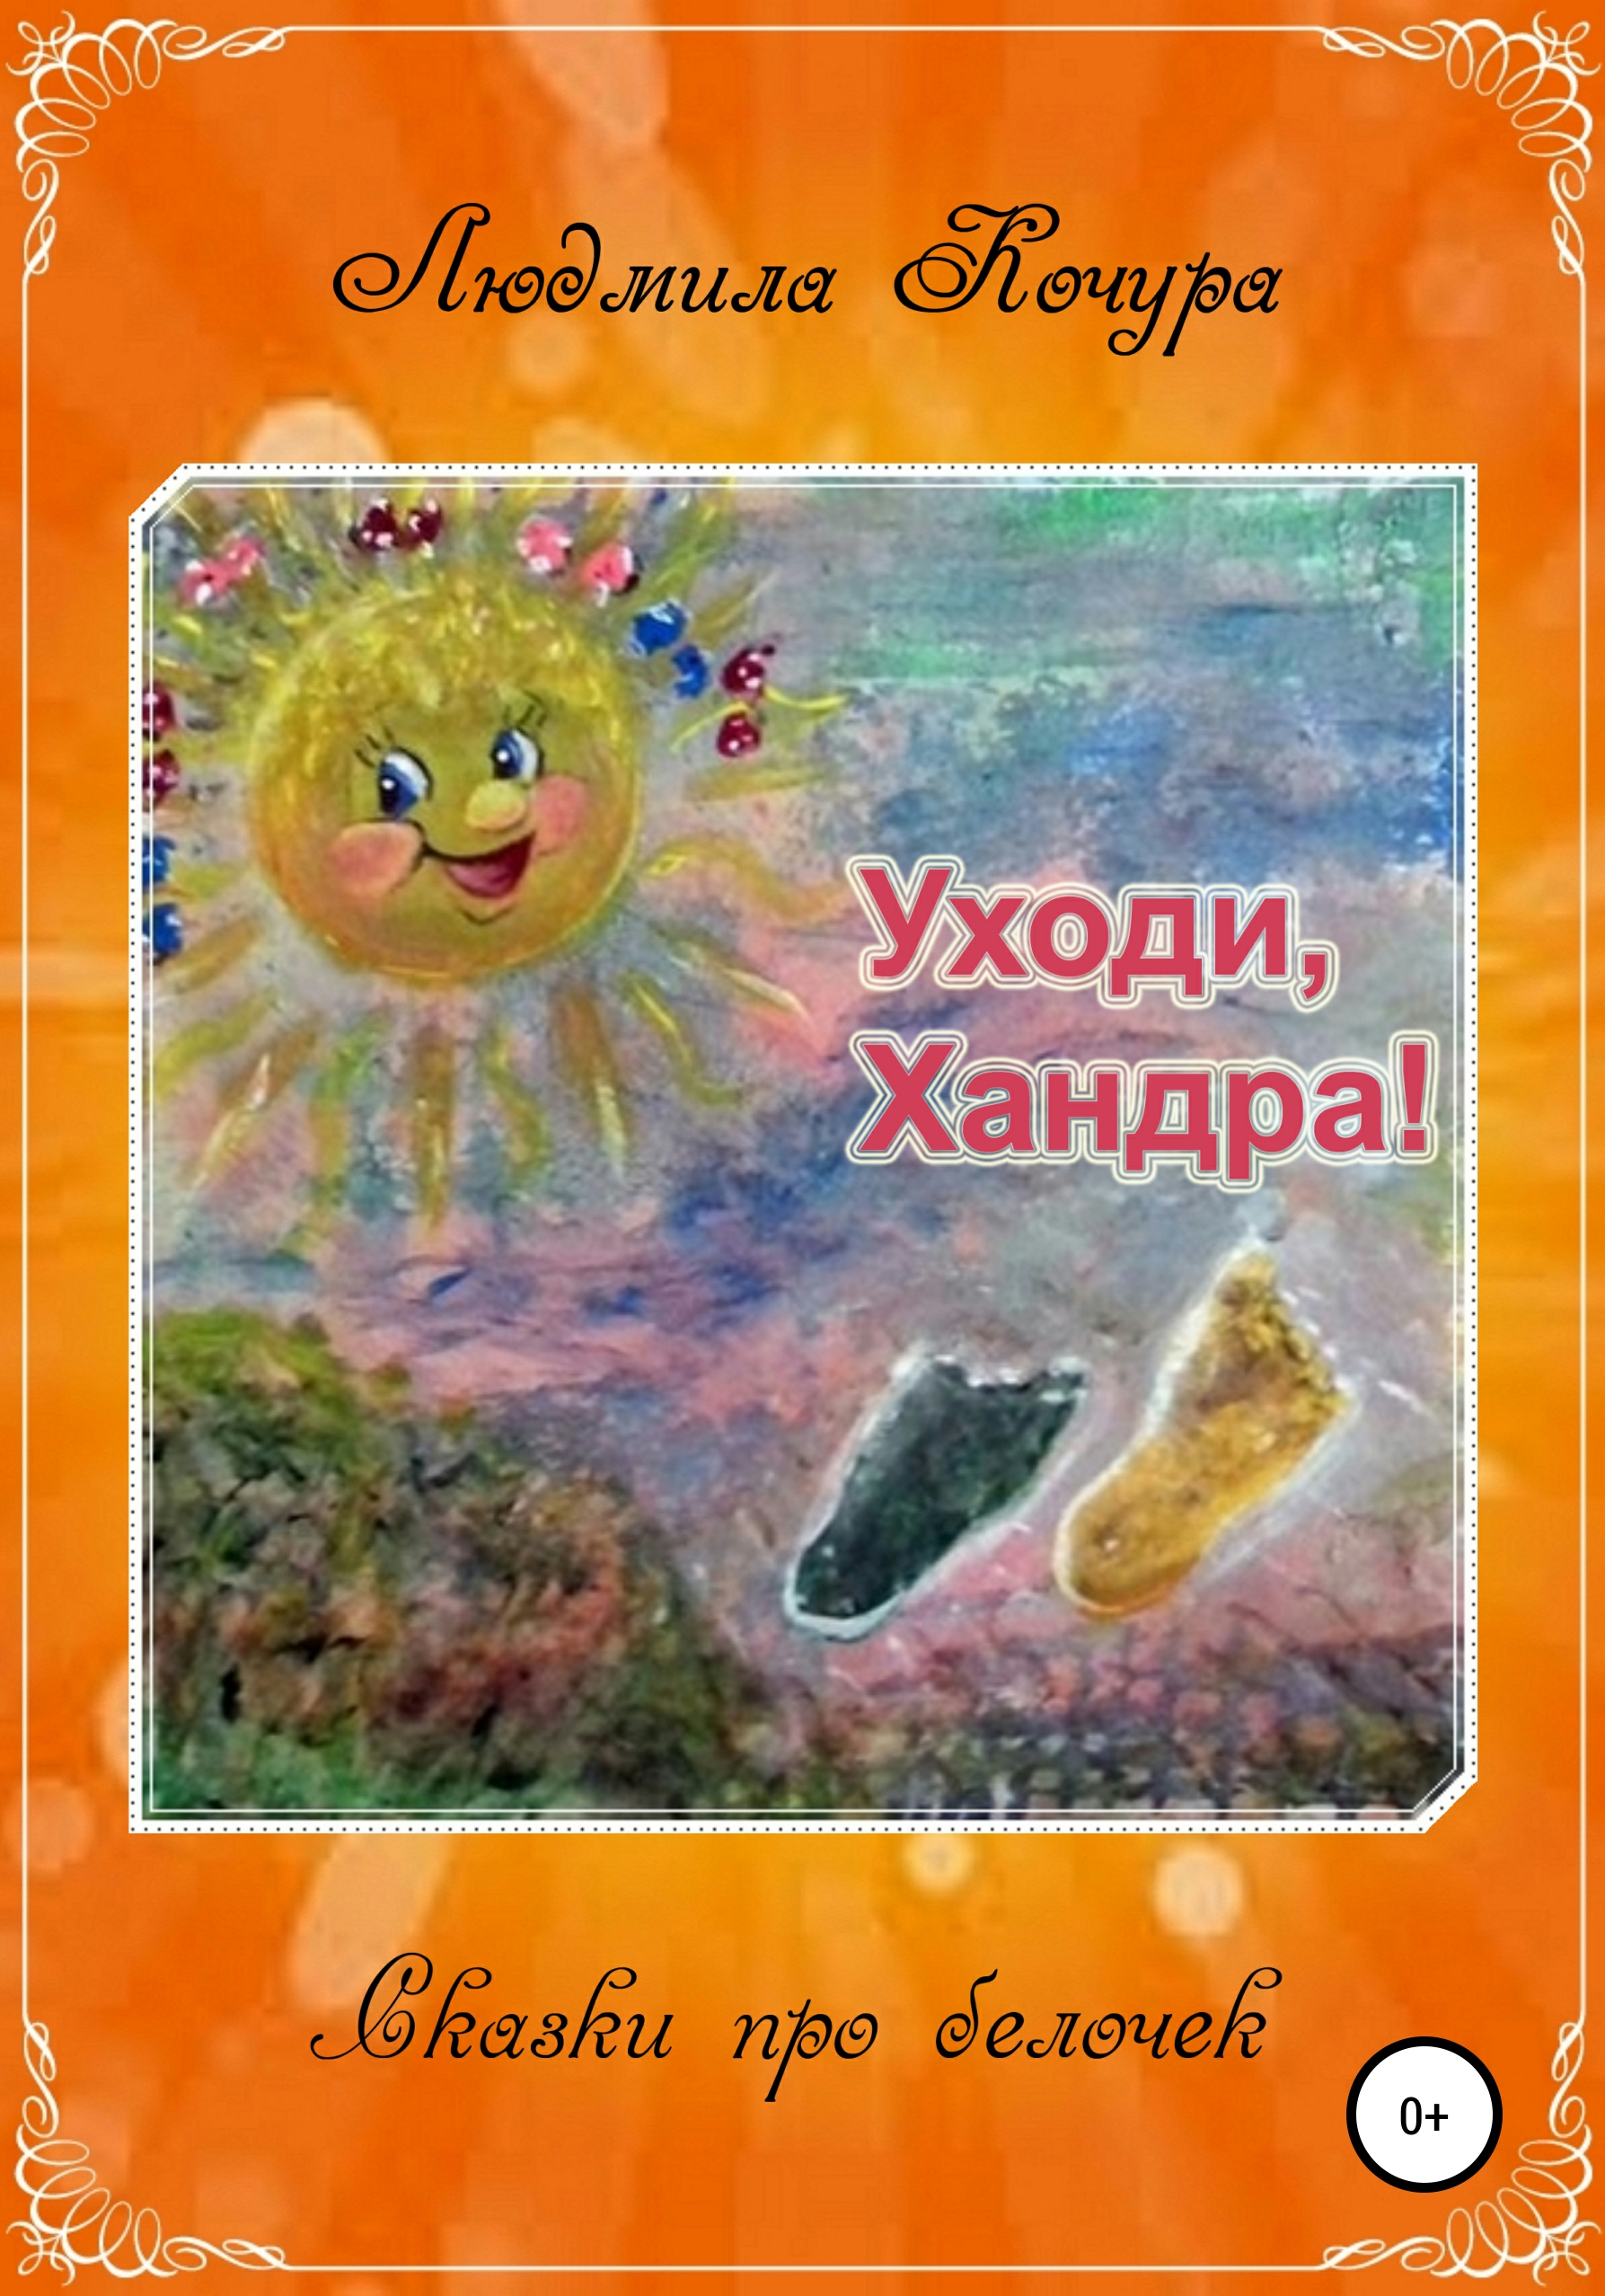 Людмила Анатольевна Кочура Сказка про белочек. Книга 2. Уходи, Хандра!